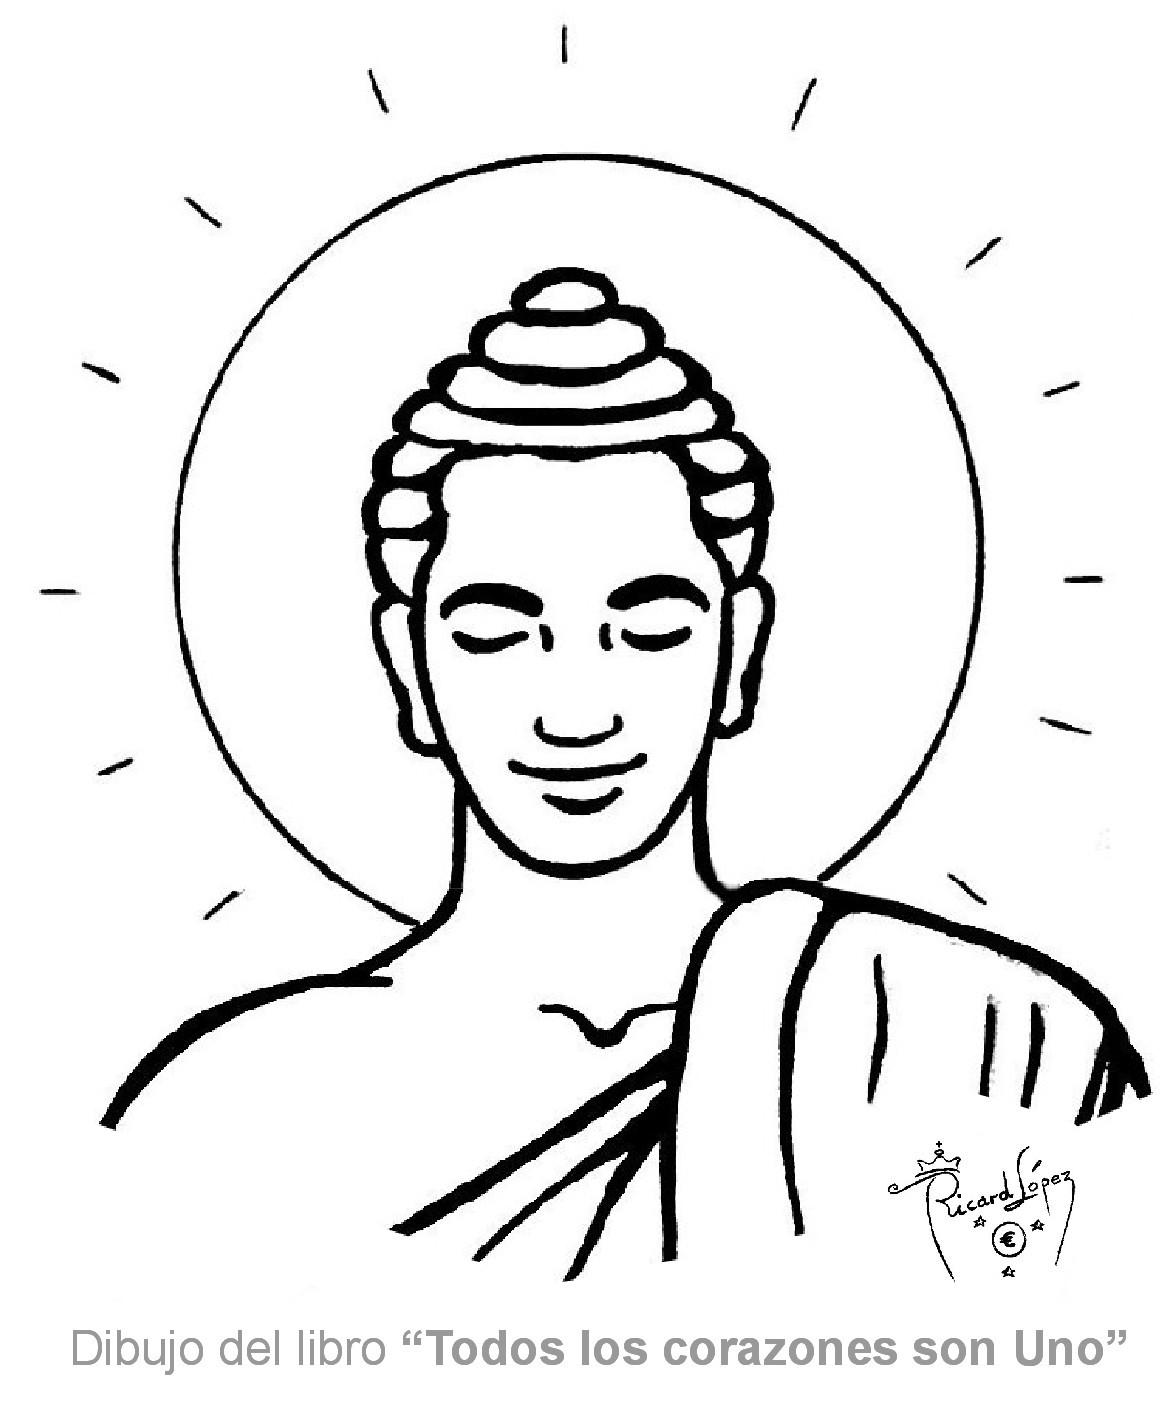 Dibujos muy originales para colorear de Ricard López: Dibujo de Buda